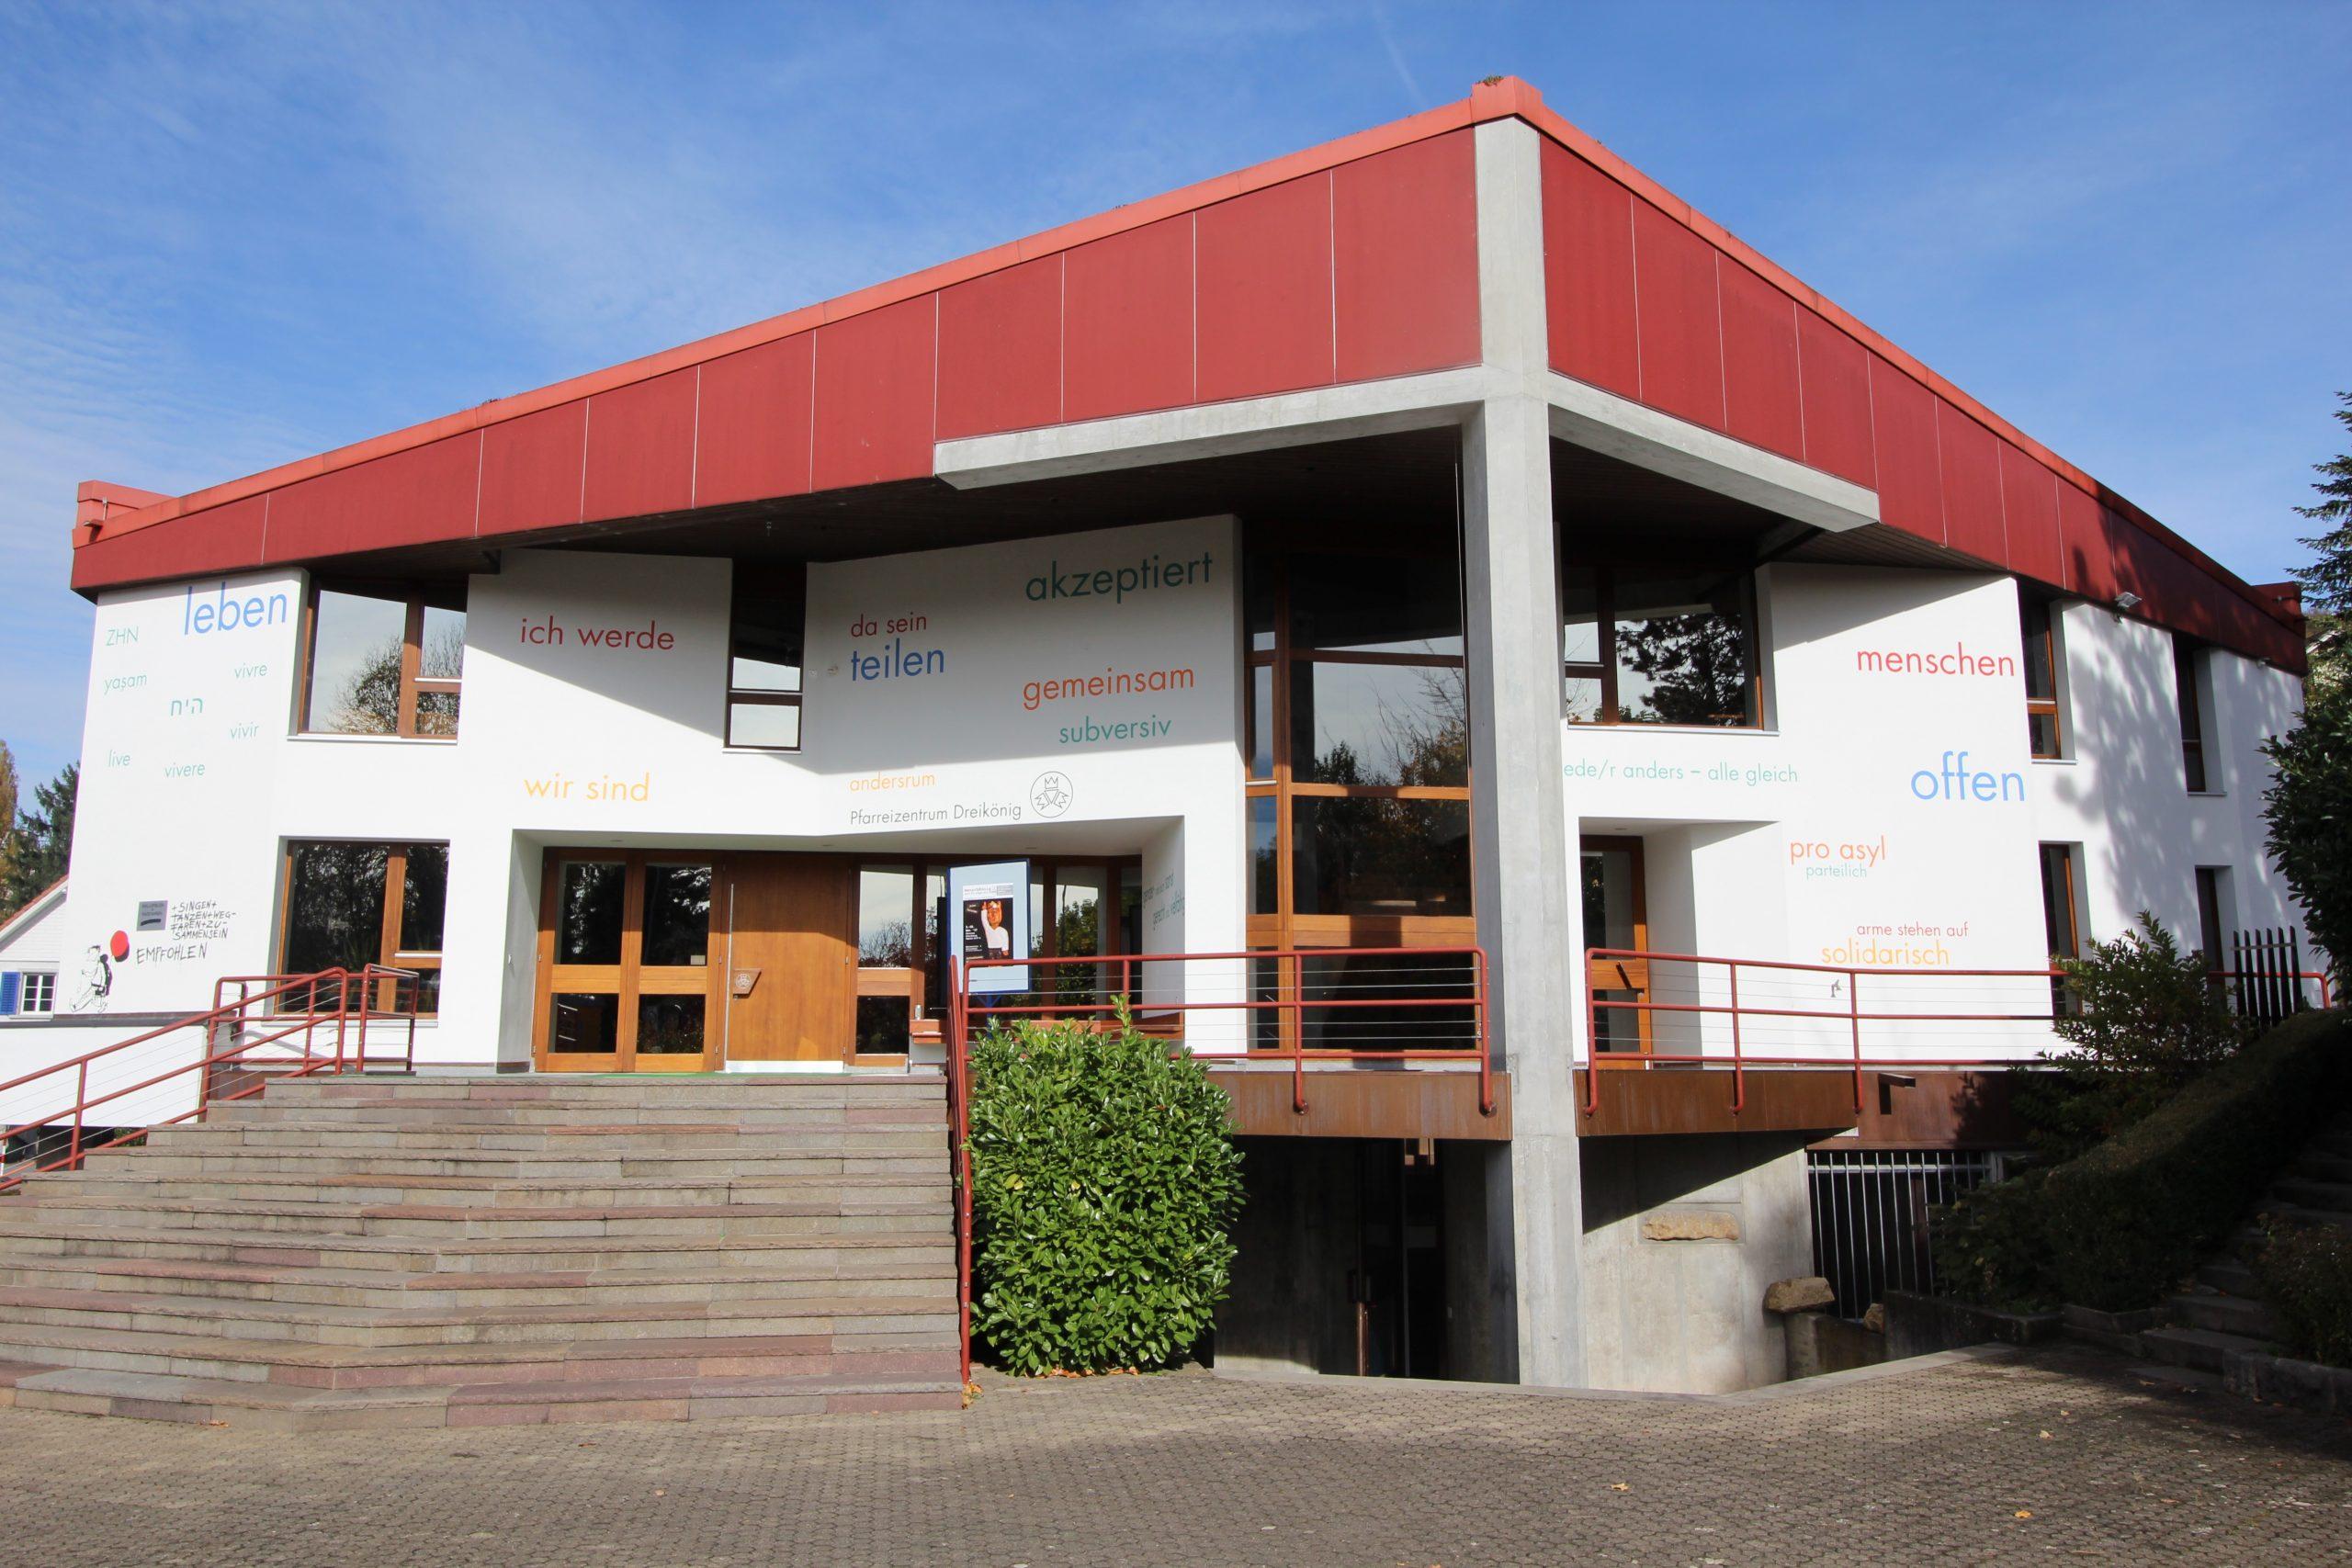 Pfarreizentrum Dreikönig im Herbst 2017 mit der frisch renovierten Fassade und den Wörtern, die einladen, Stellung beziehen, aufrütteln…